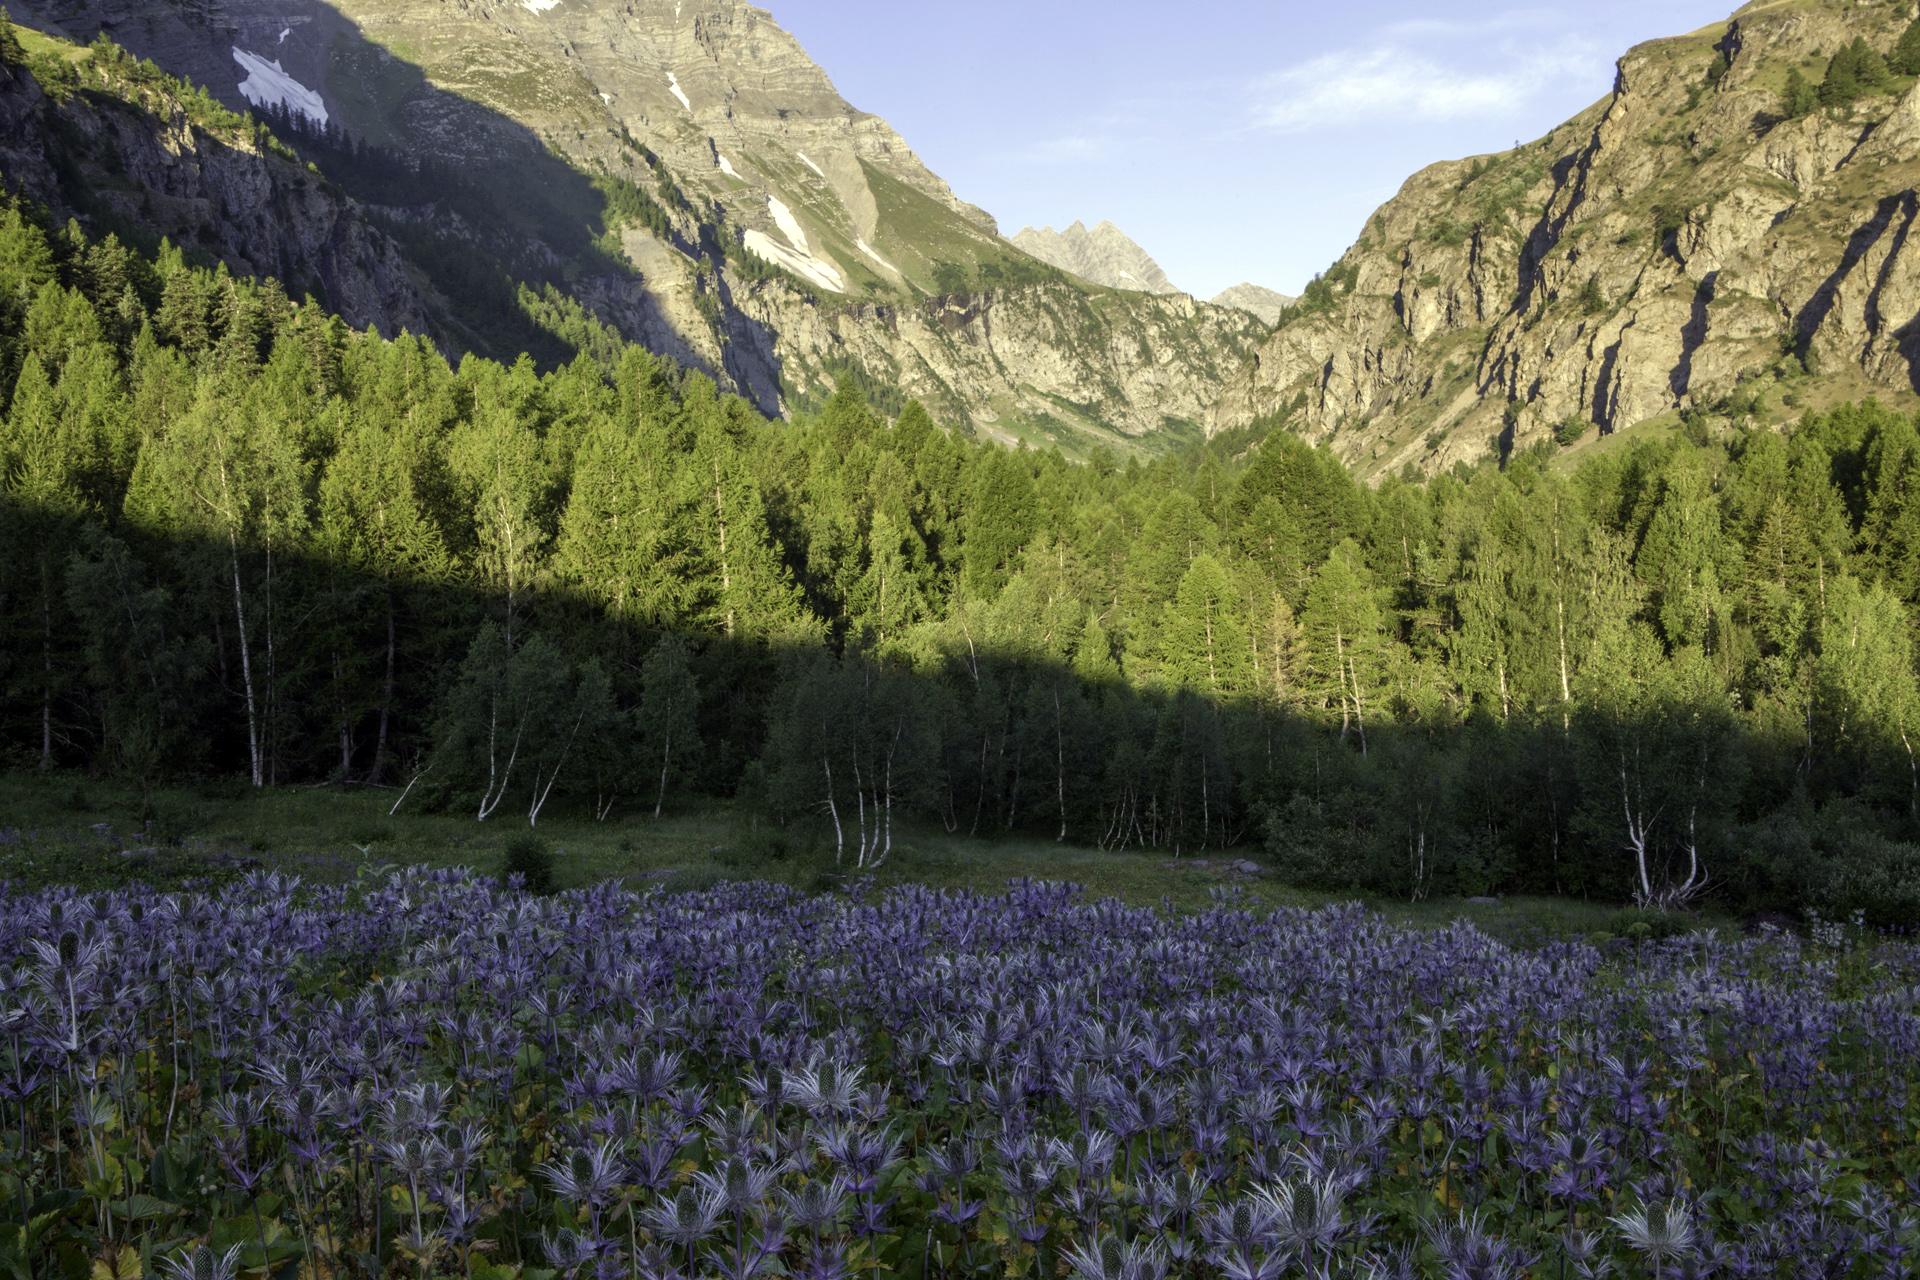 Les chardons bleus ou reine des Alpes dans le vallon du Fournel © PNE / Saulay Pascal